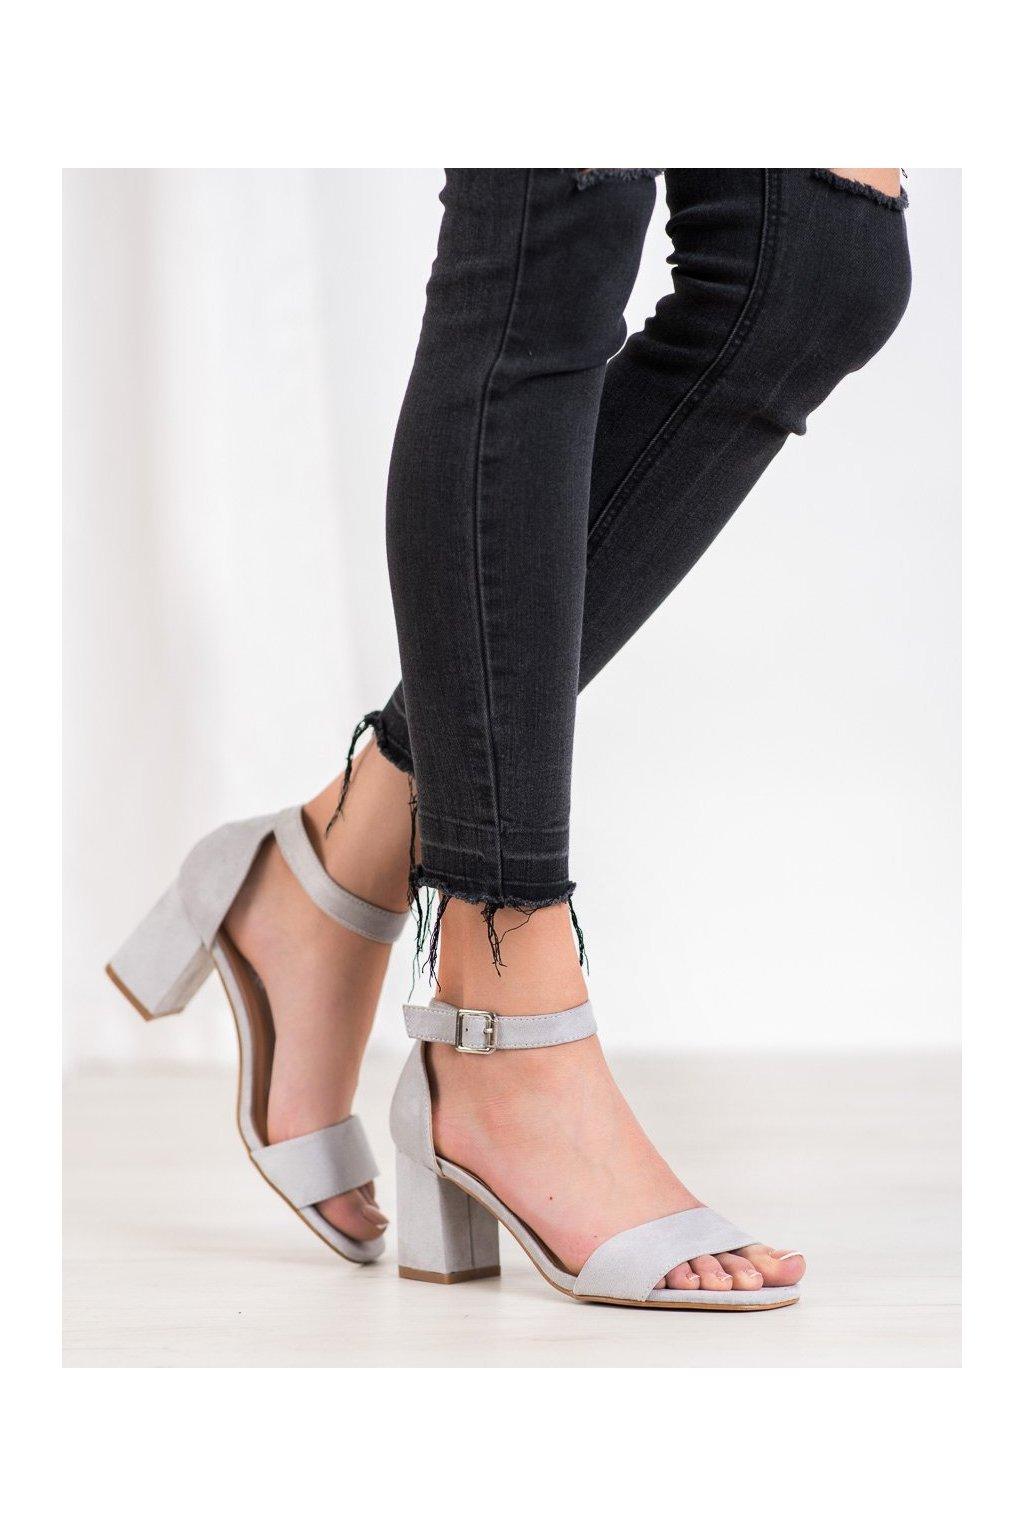 Sivé sandále Vinceza kod YQE20-17058G